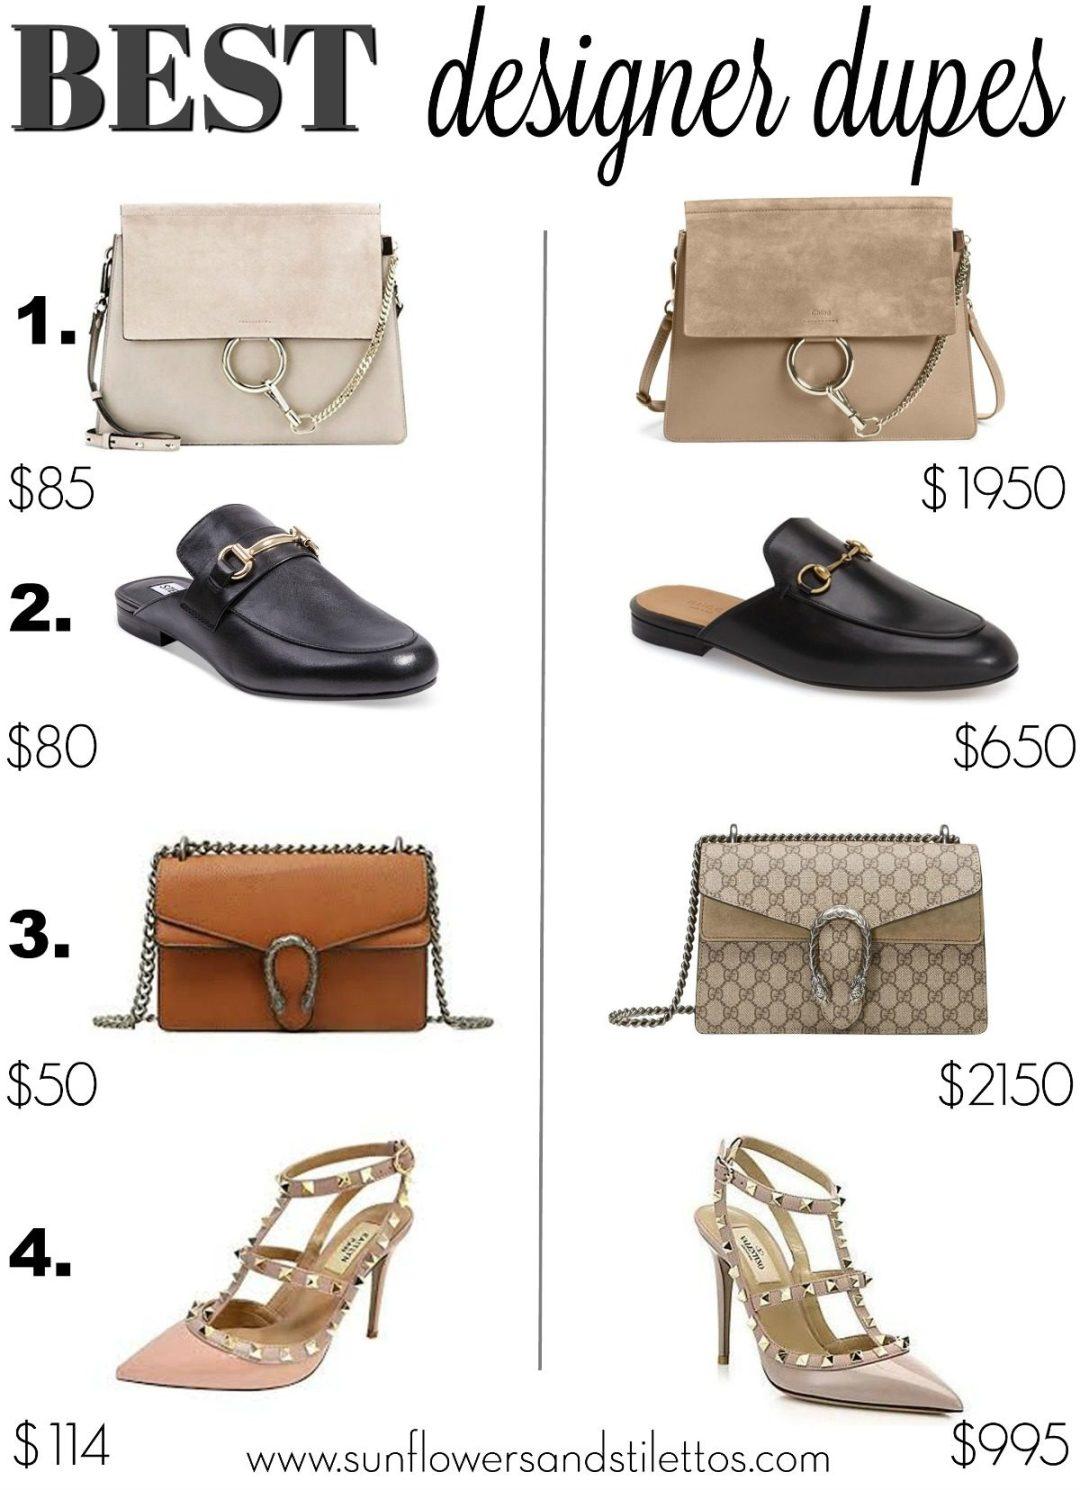 65e8b68d3806 Best Designer Dupes   Gucci Bag Dupe   Gucci Loafer Dupe   Valentino  Rockstud Dupe